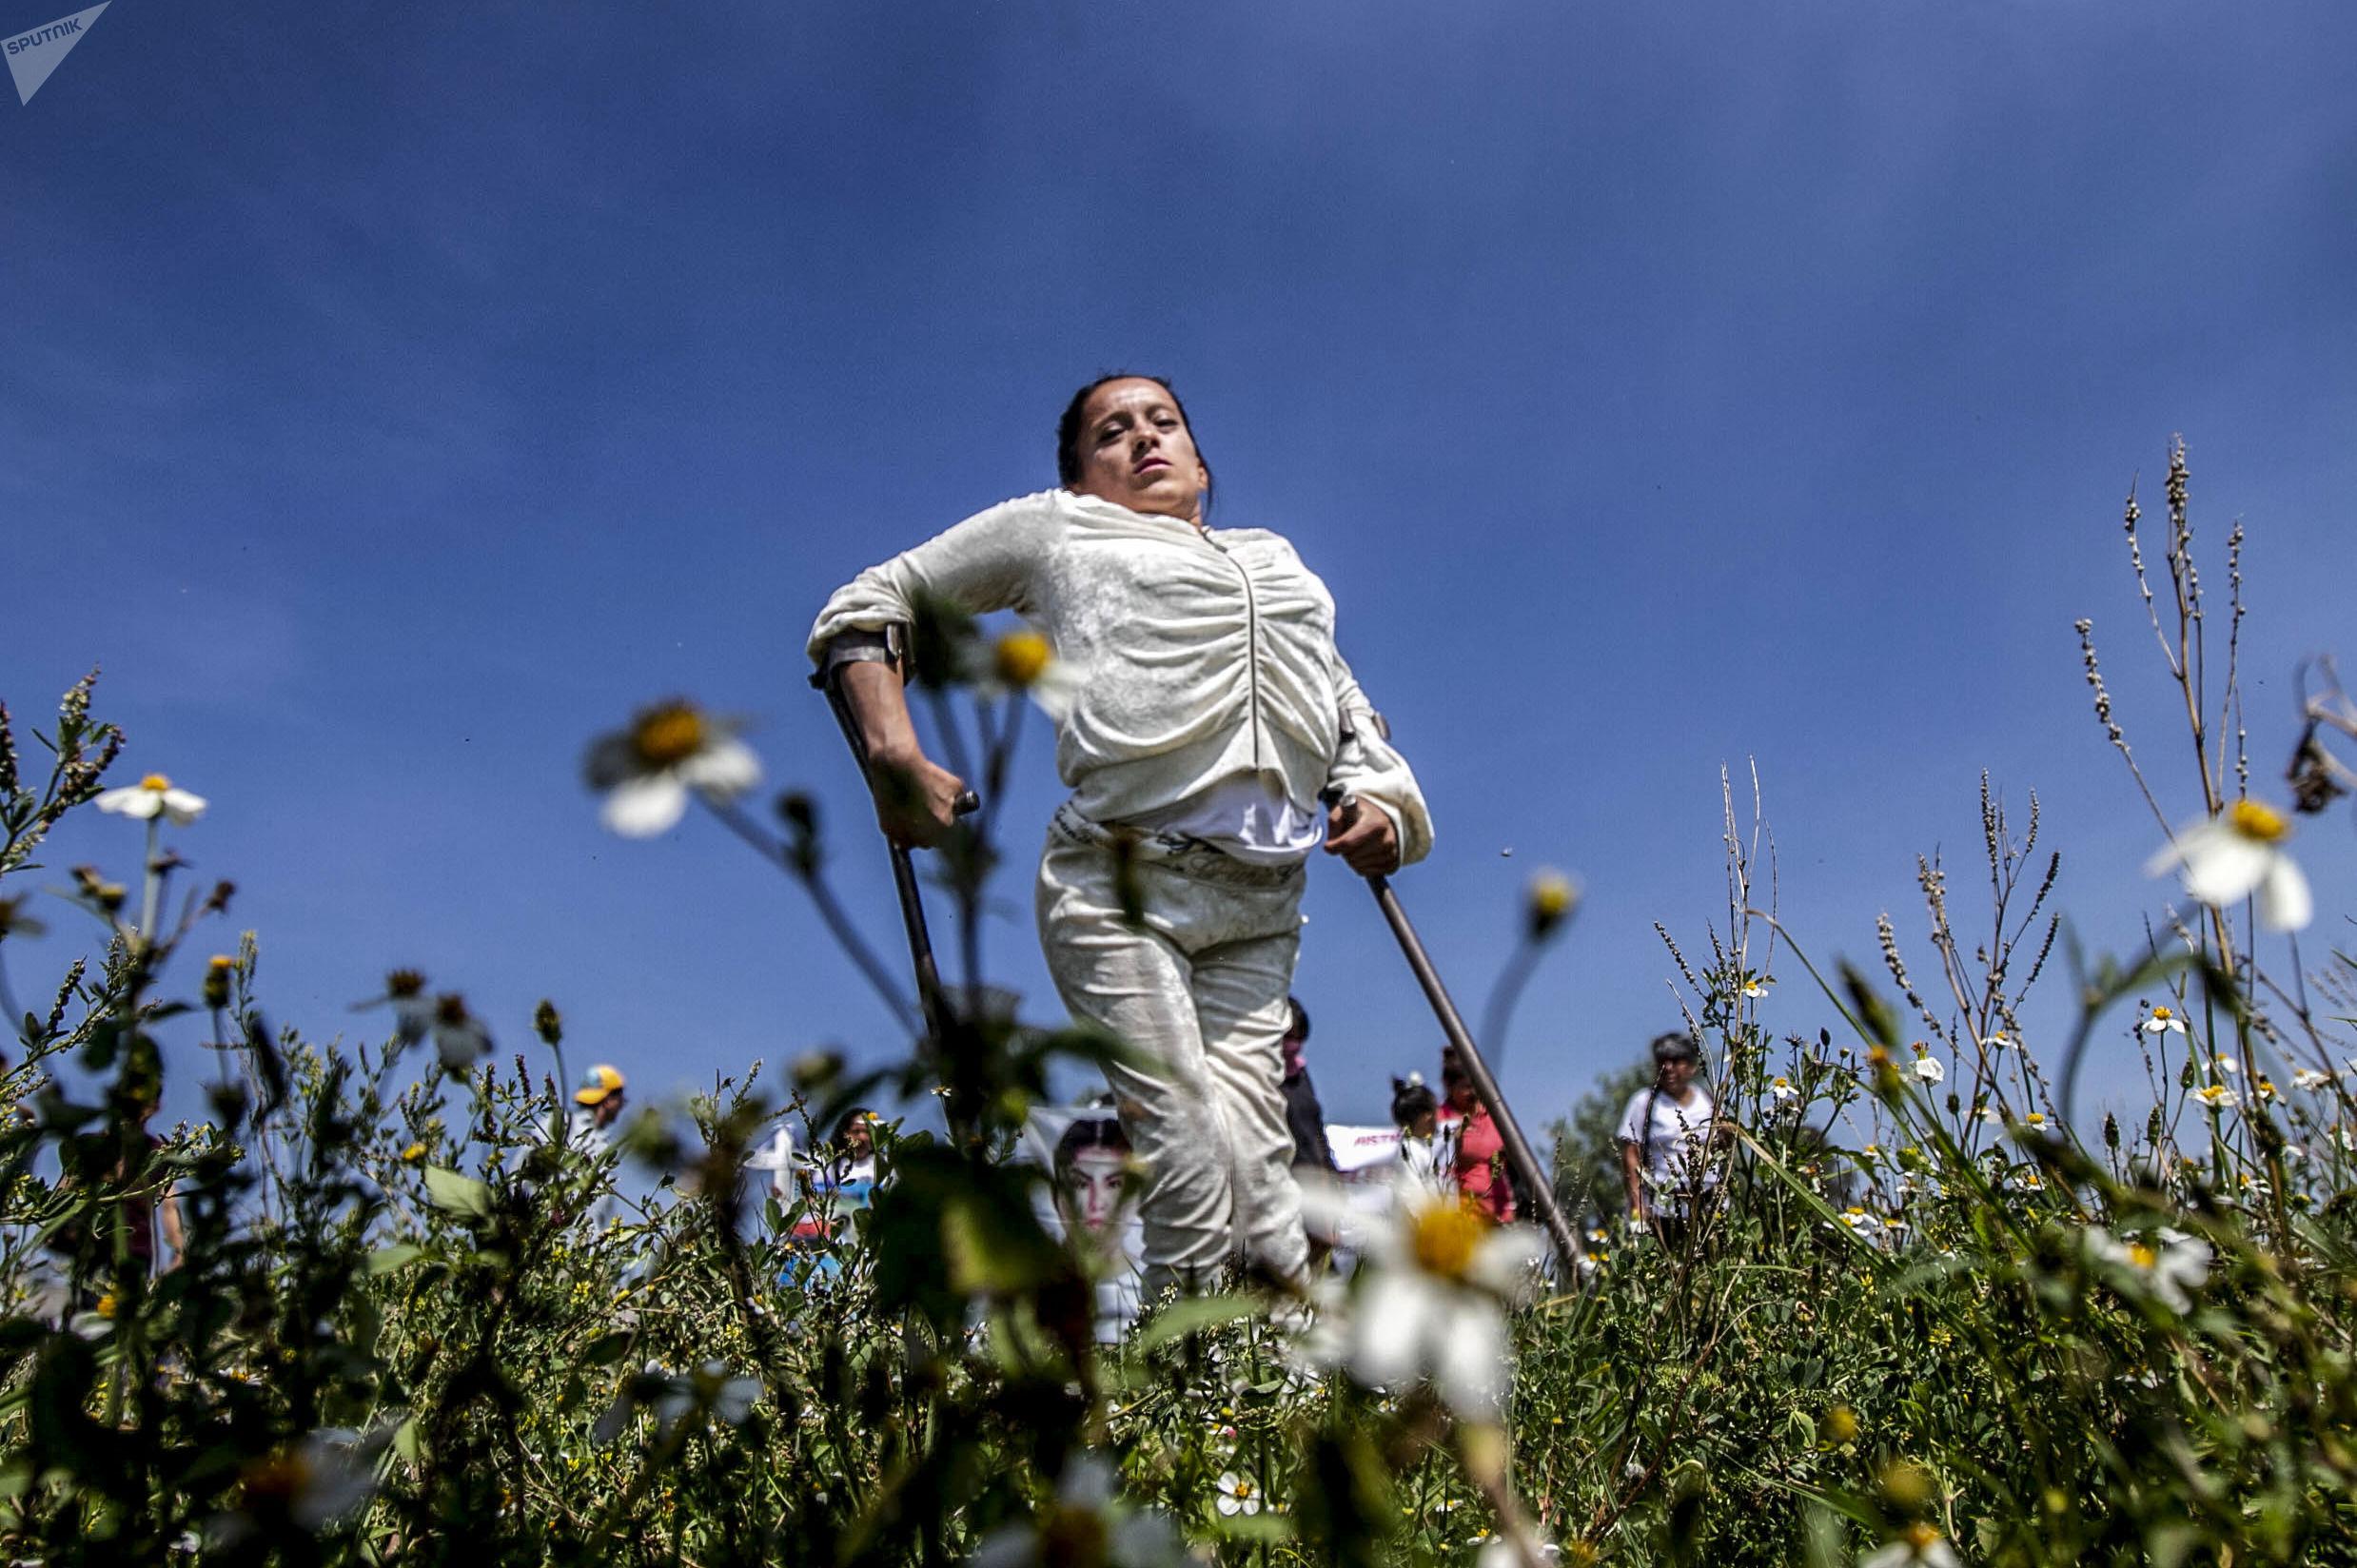 Integrante de la caravana contra el feminicidio en Ecatepec, en la colonia Jardines de Morelos, Estado de México